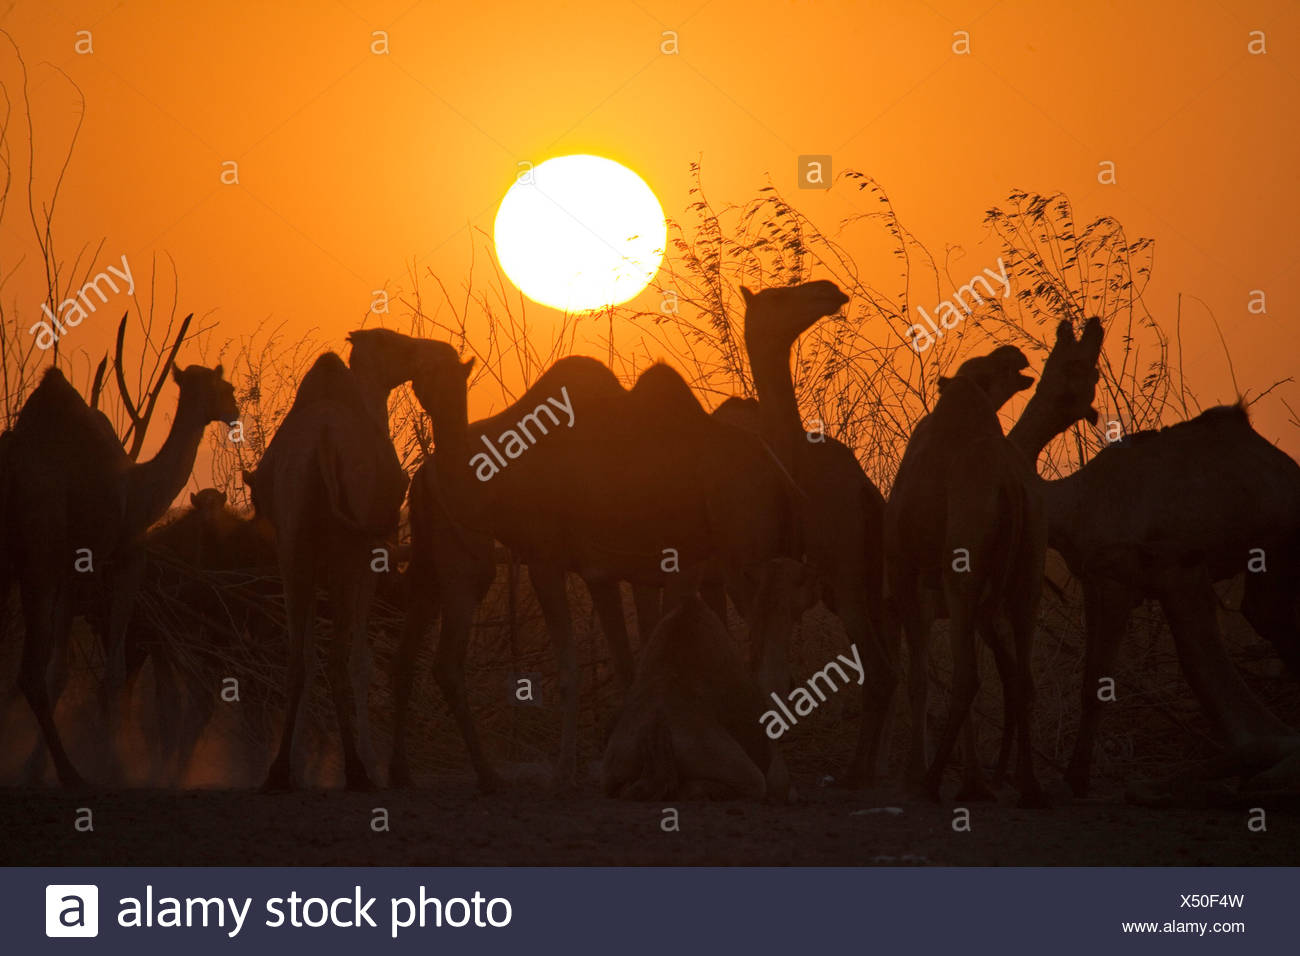 Los camellos, luz del atardecer, África, animales, Etiopía, sundown, puesta de sol, Foto de stock